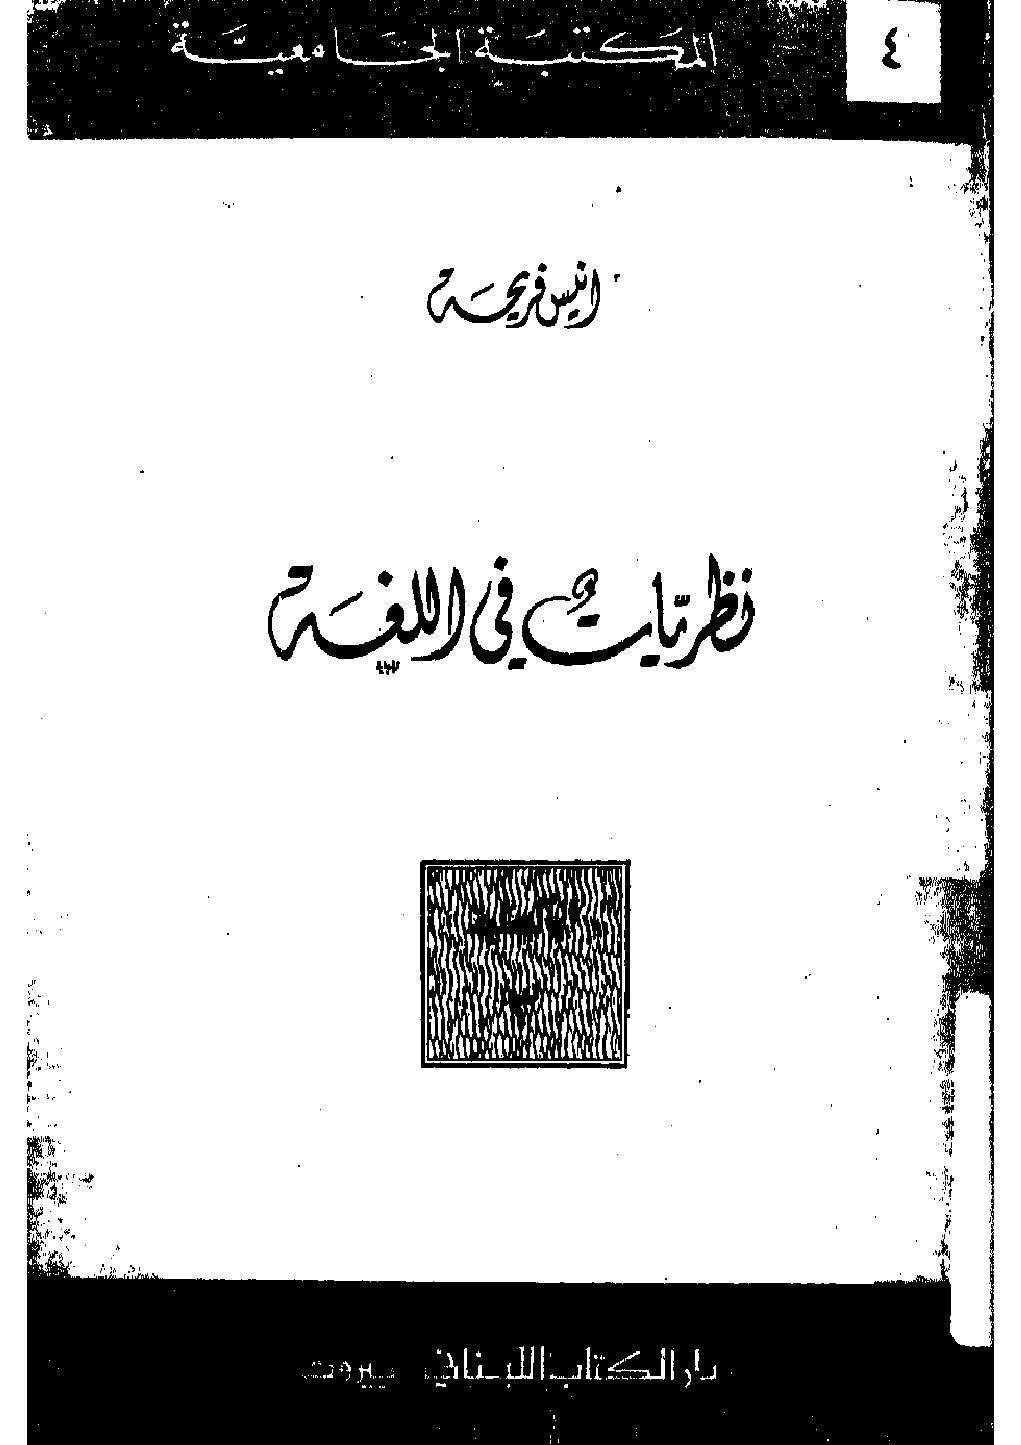 ff1f4 6 - نظريات في اللغة pdf- انيس فريحة